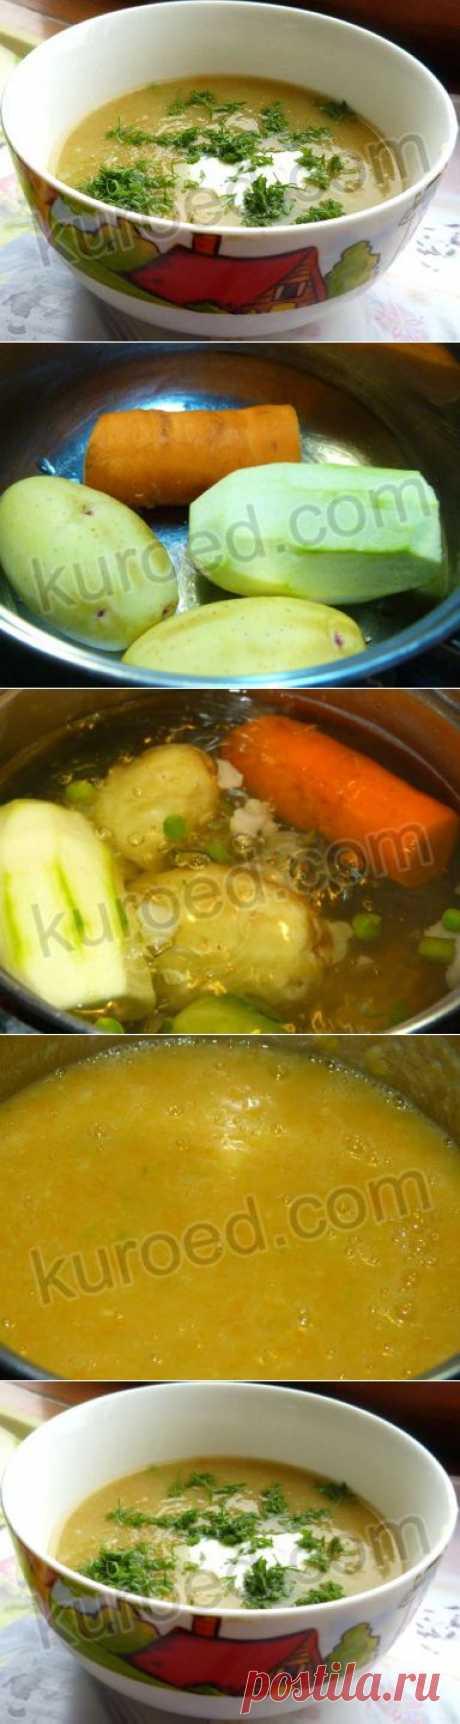 РЕЦЕПТЫ | Овощной суп-пюре